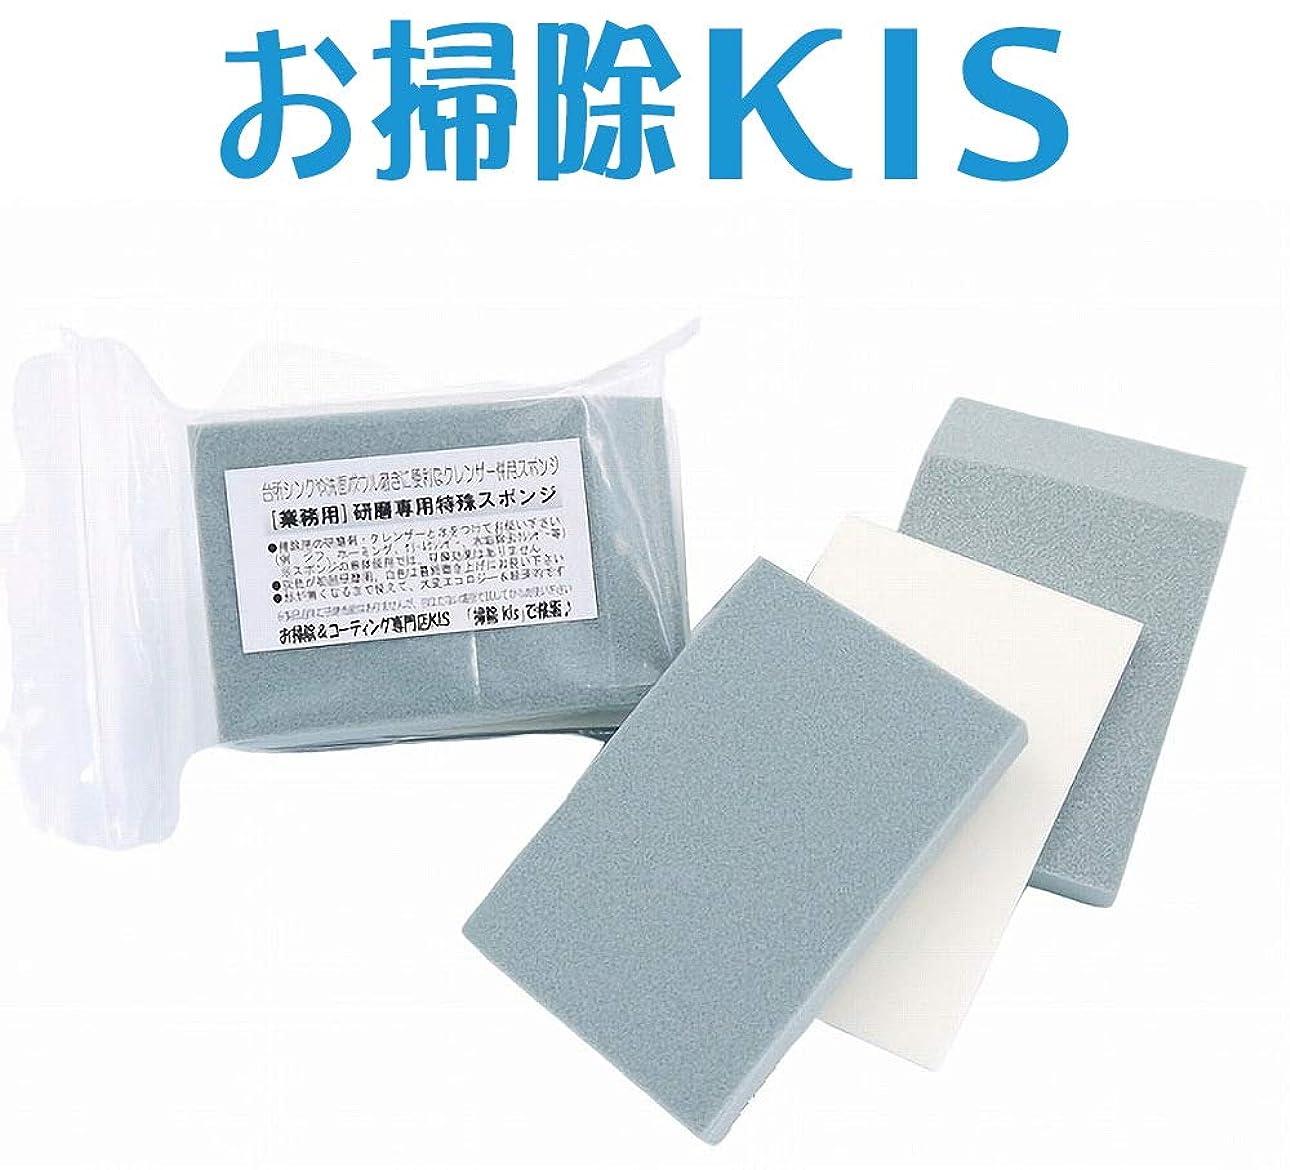 公平挑発するデッドお掃除用クレンザー 酸性クレンザー 水垢除去クレンザーと一緒に使う研磨専用スポンジ(KIS)[kenspo-mailbin]